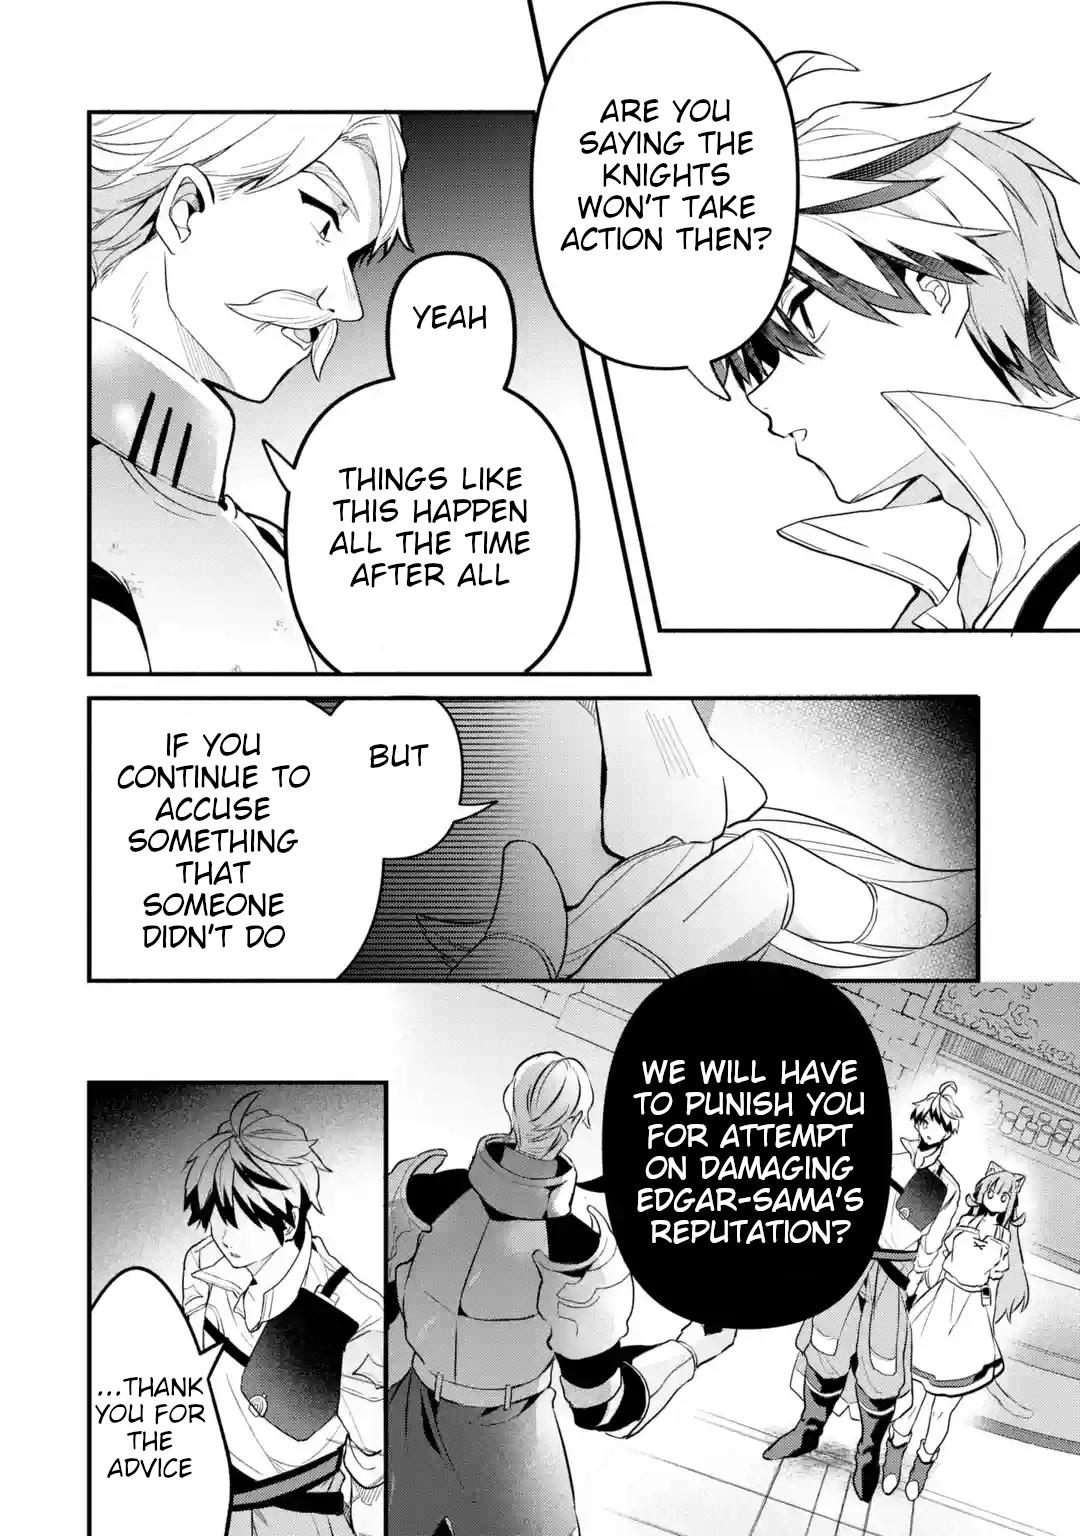 Yuusha Party Wo Tsuihou Sareta Beast Tamer, Saikyou Shuzoku Nekomimi Shojo To Deau Chapter 48: The Knights page 9 - Mangakakalots.com